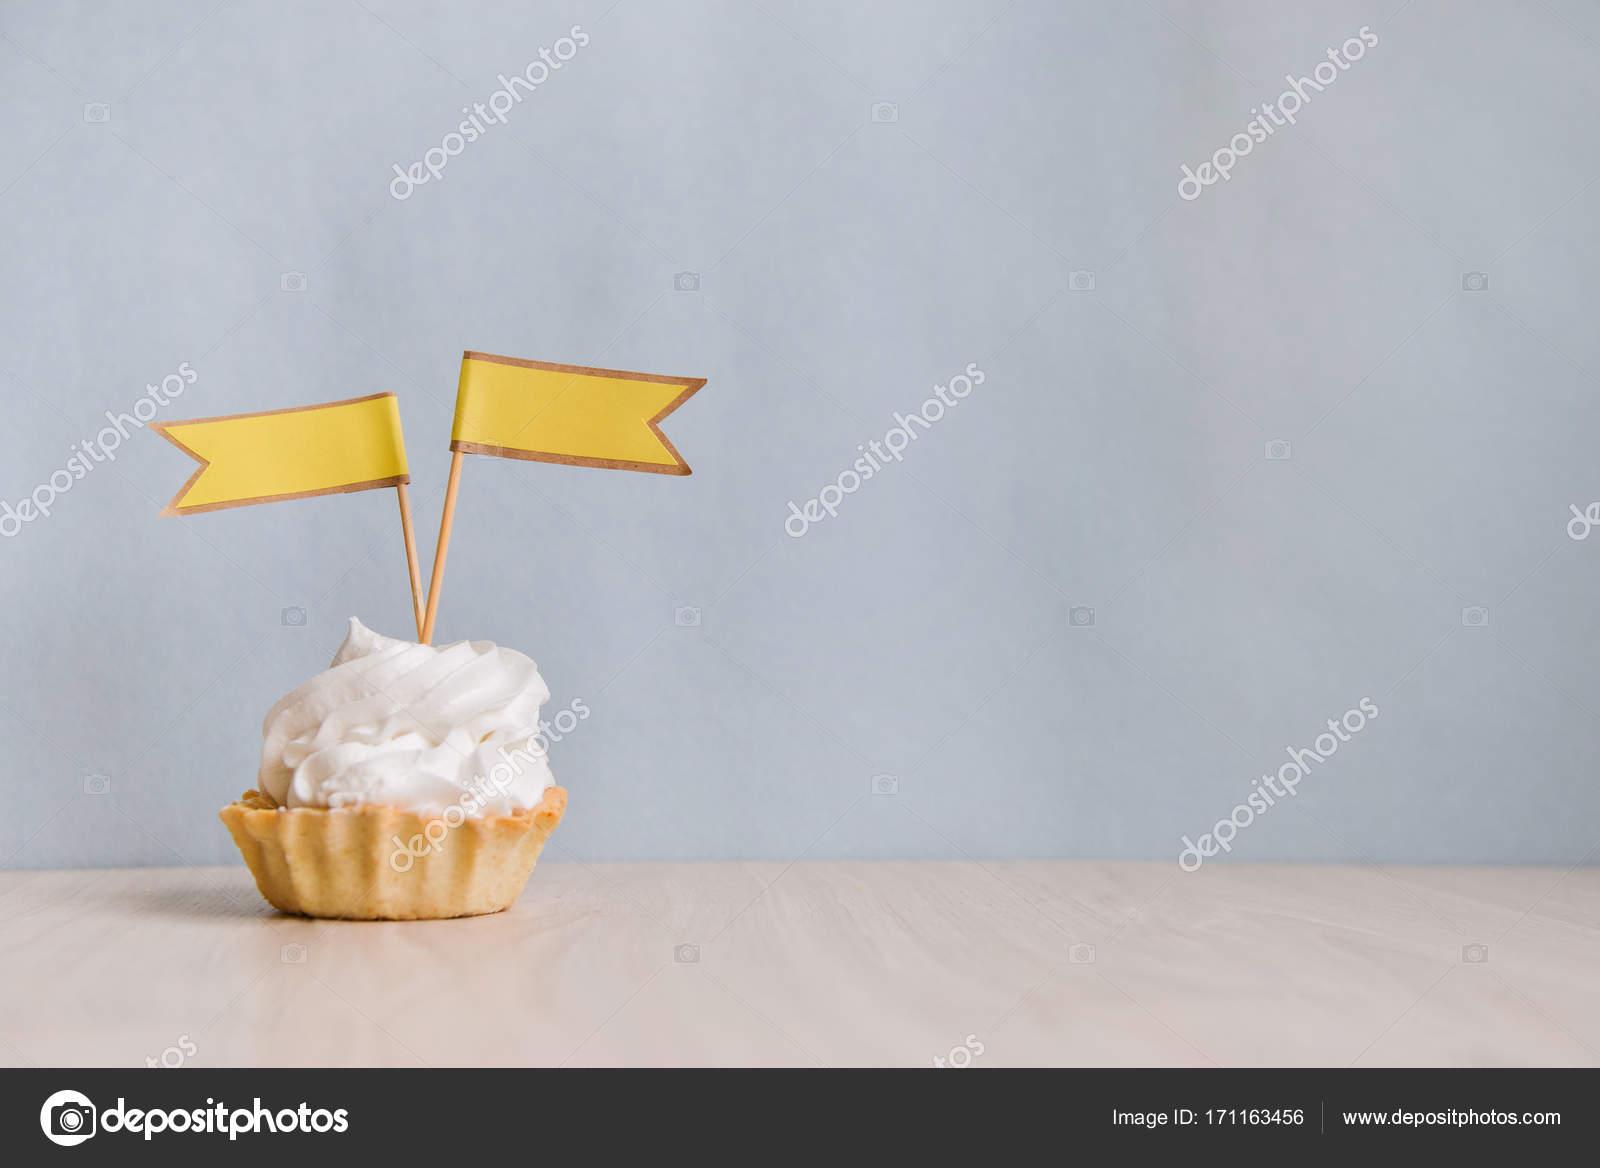 decoraç u00e3o para barra festa de aniversário, bolos de chocolate u2014 Stock Photo u00a9 OlgaChan #171163456